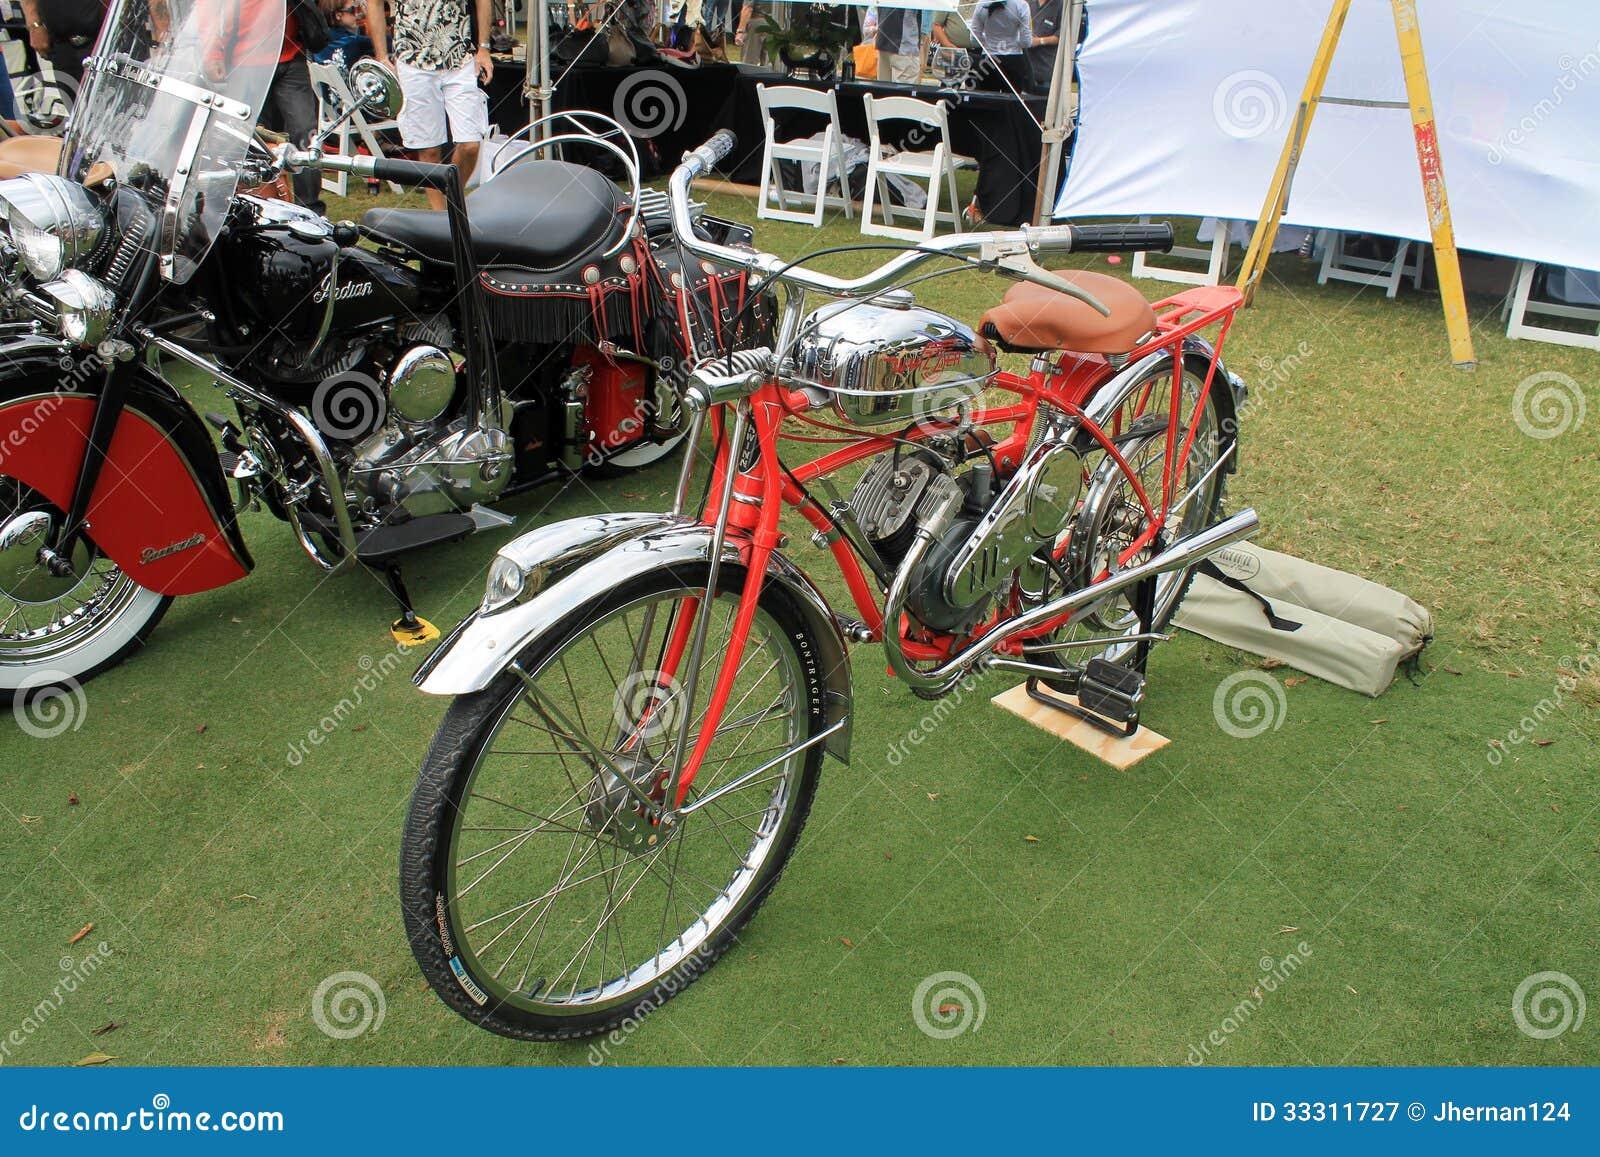 Vintage American Motorcycles 21